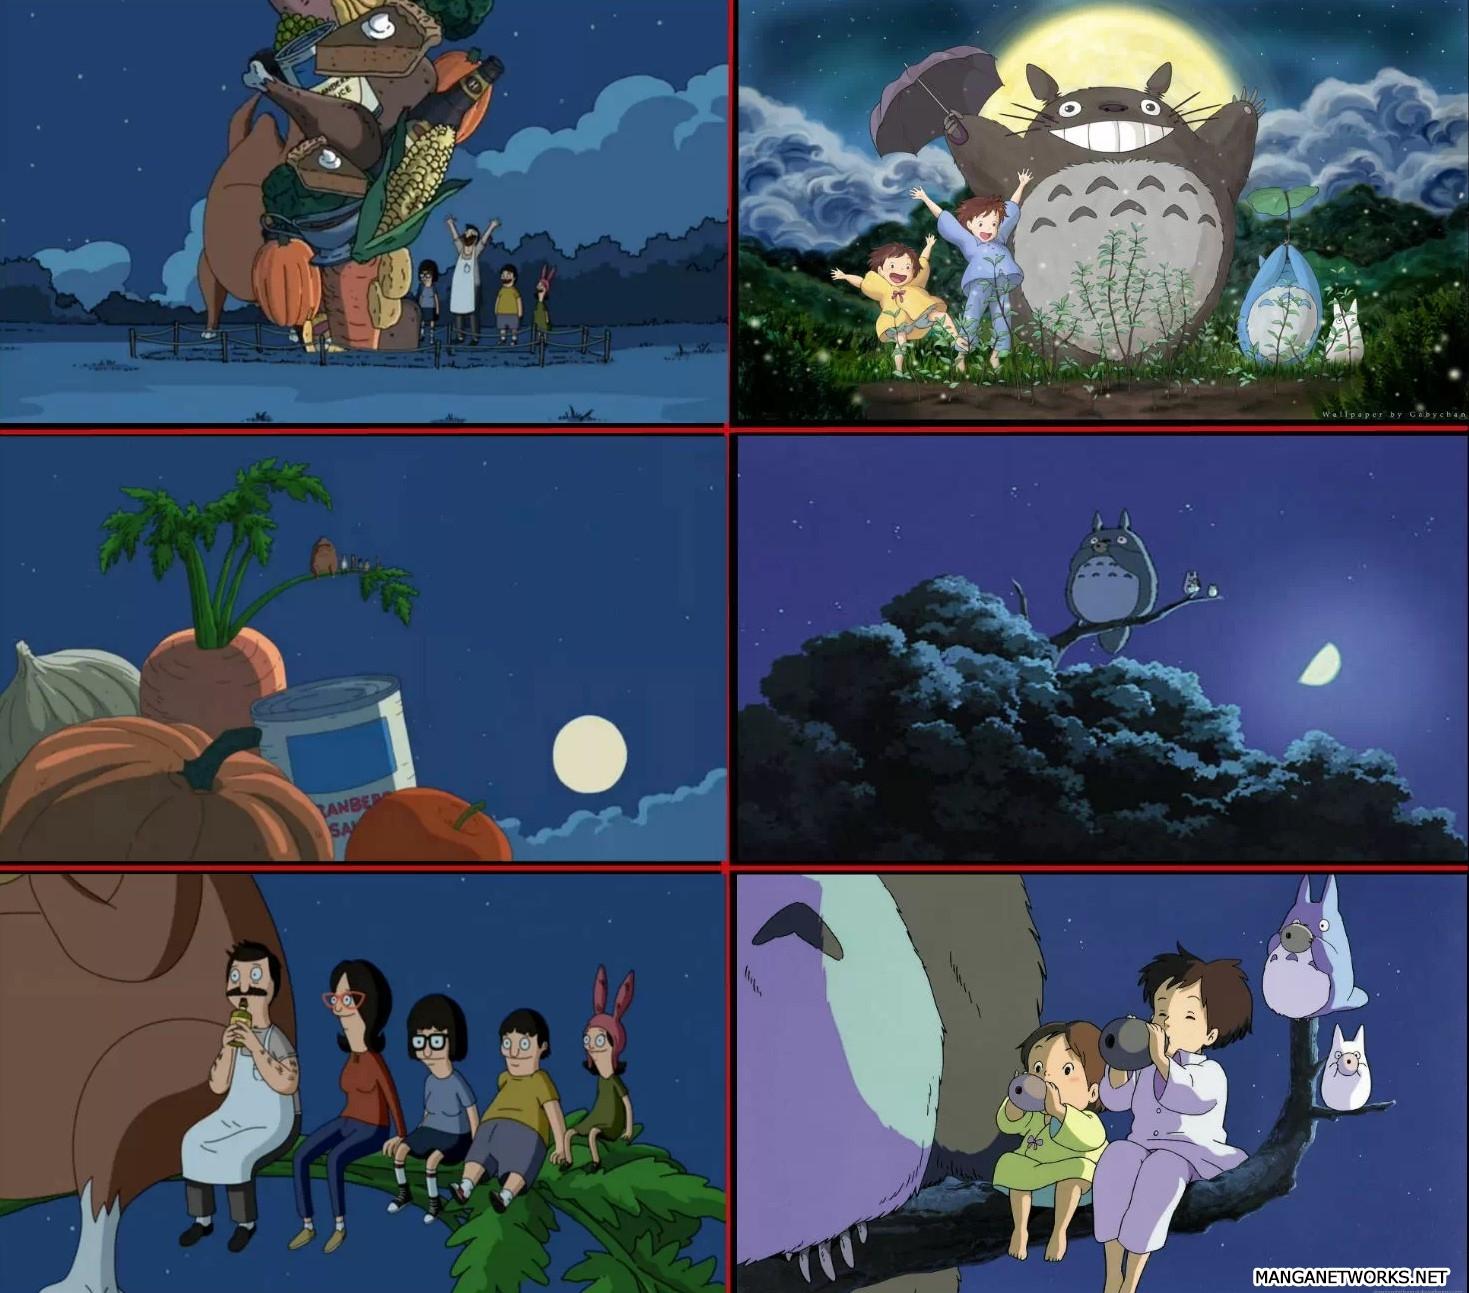 32678611041 2363da1aca o 7 ví dụ về anime xuất hiện trong hoạt hình Mỹ